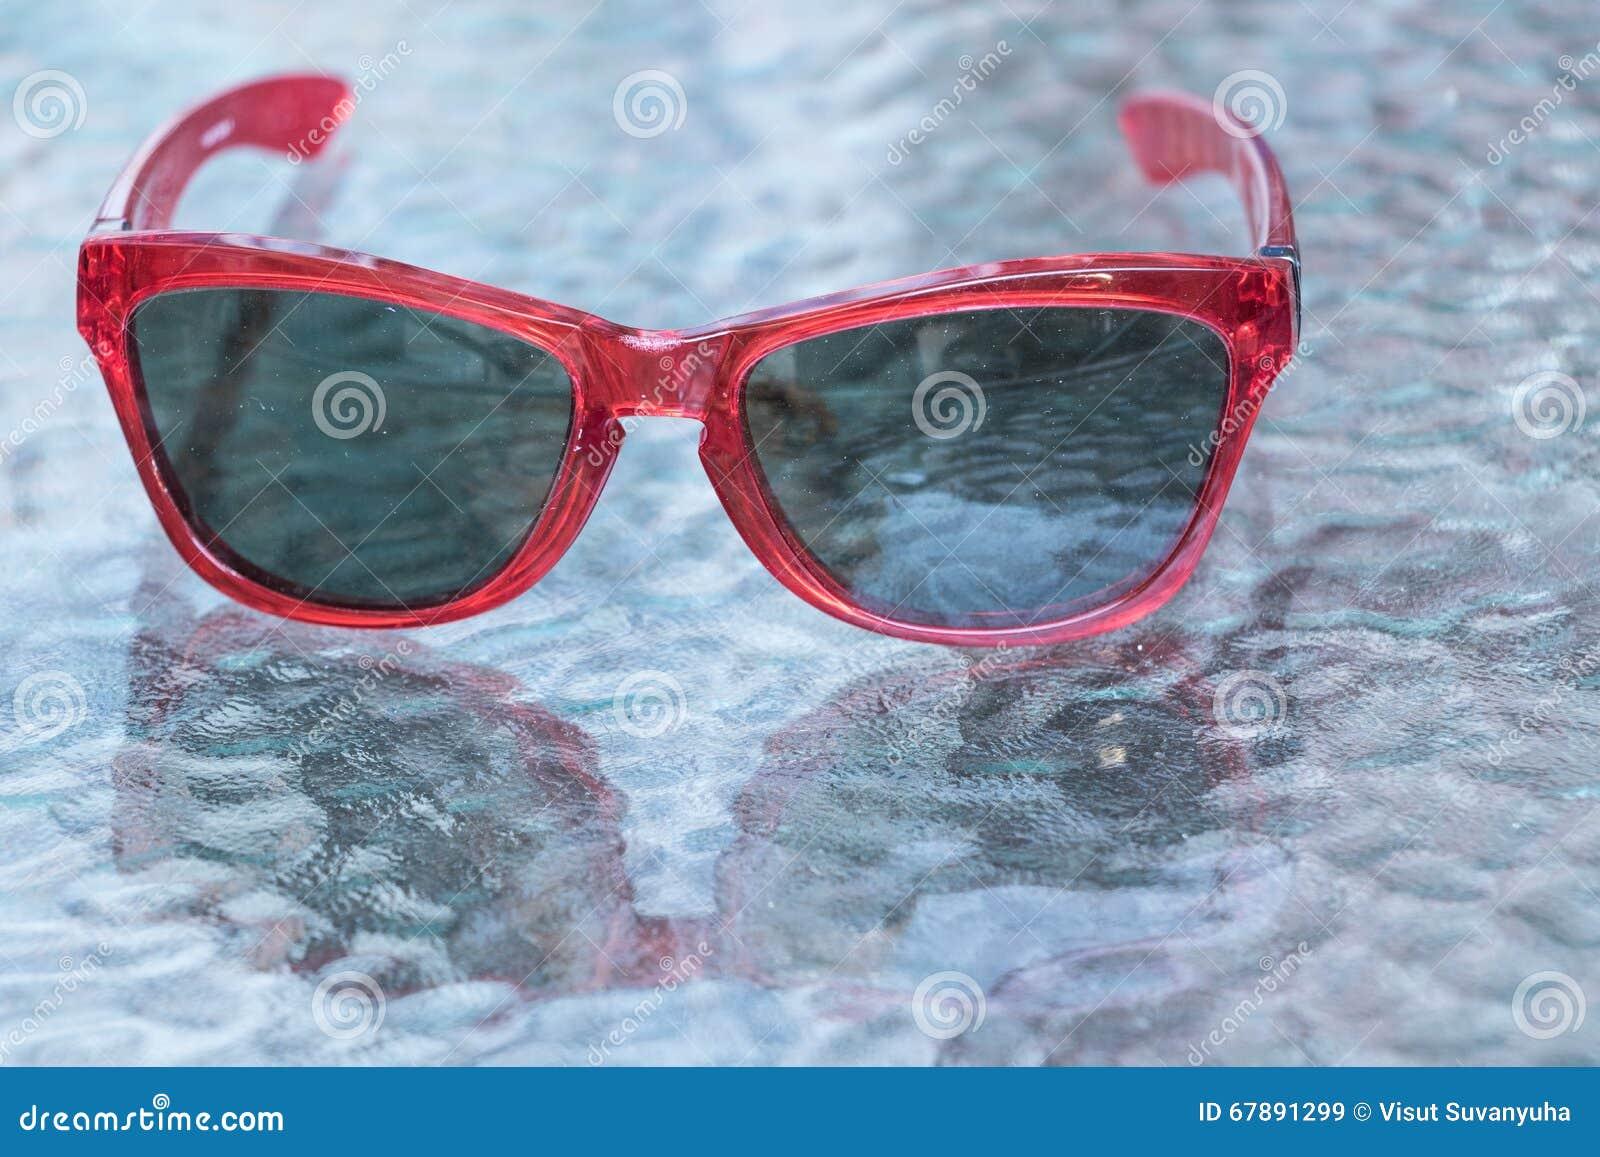 太阳镜背景是玻璃